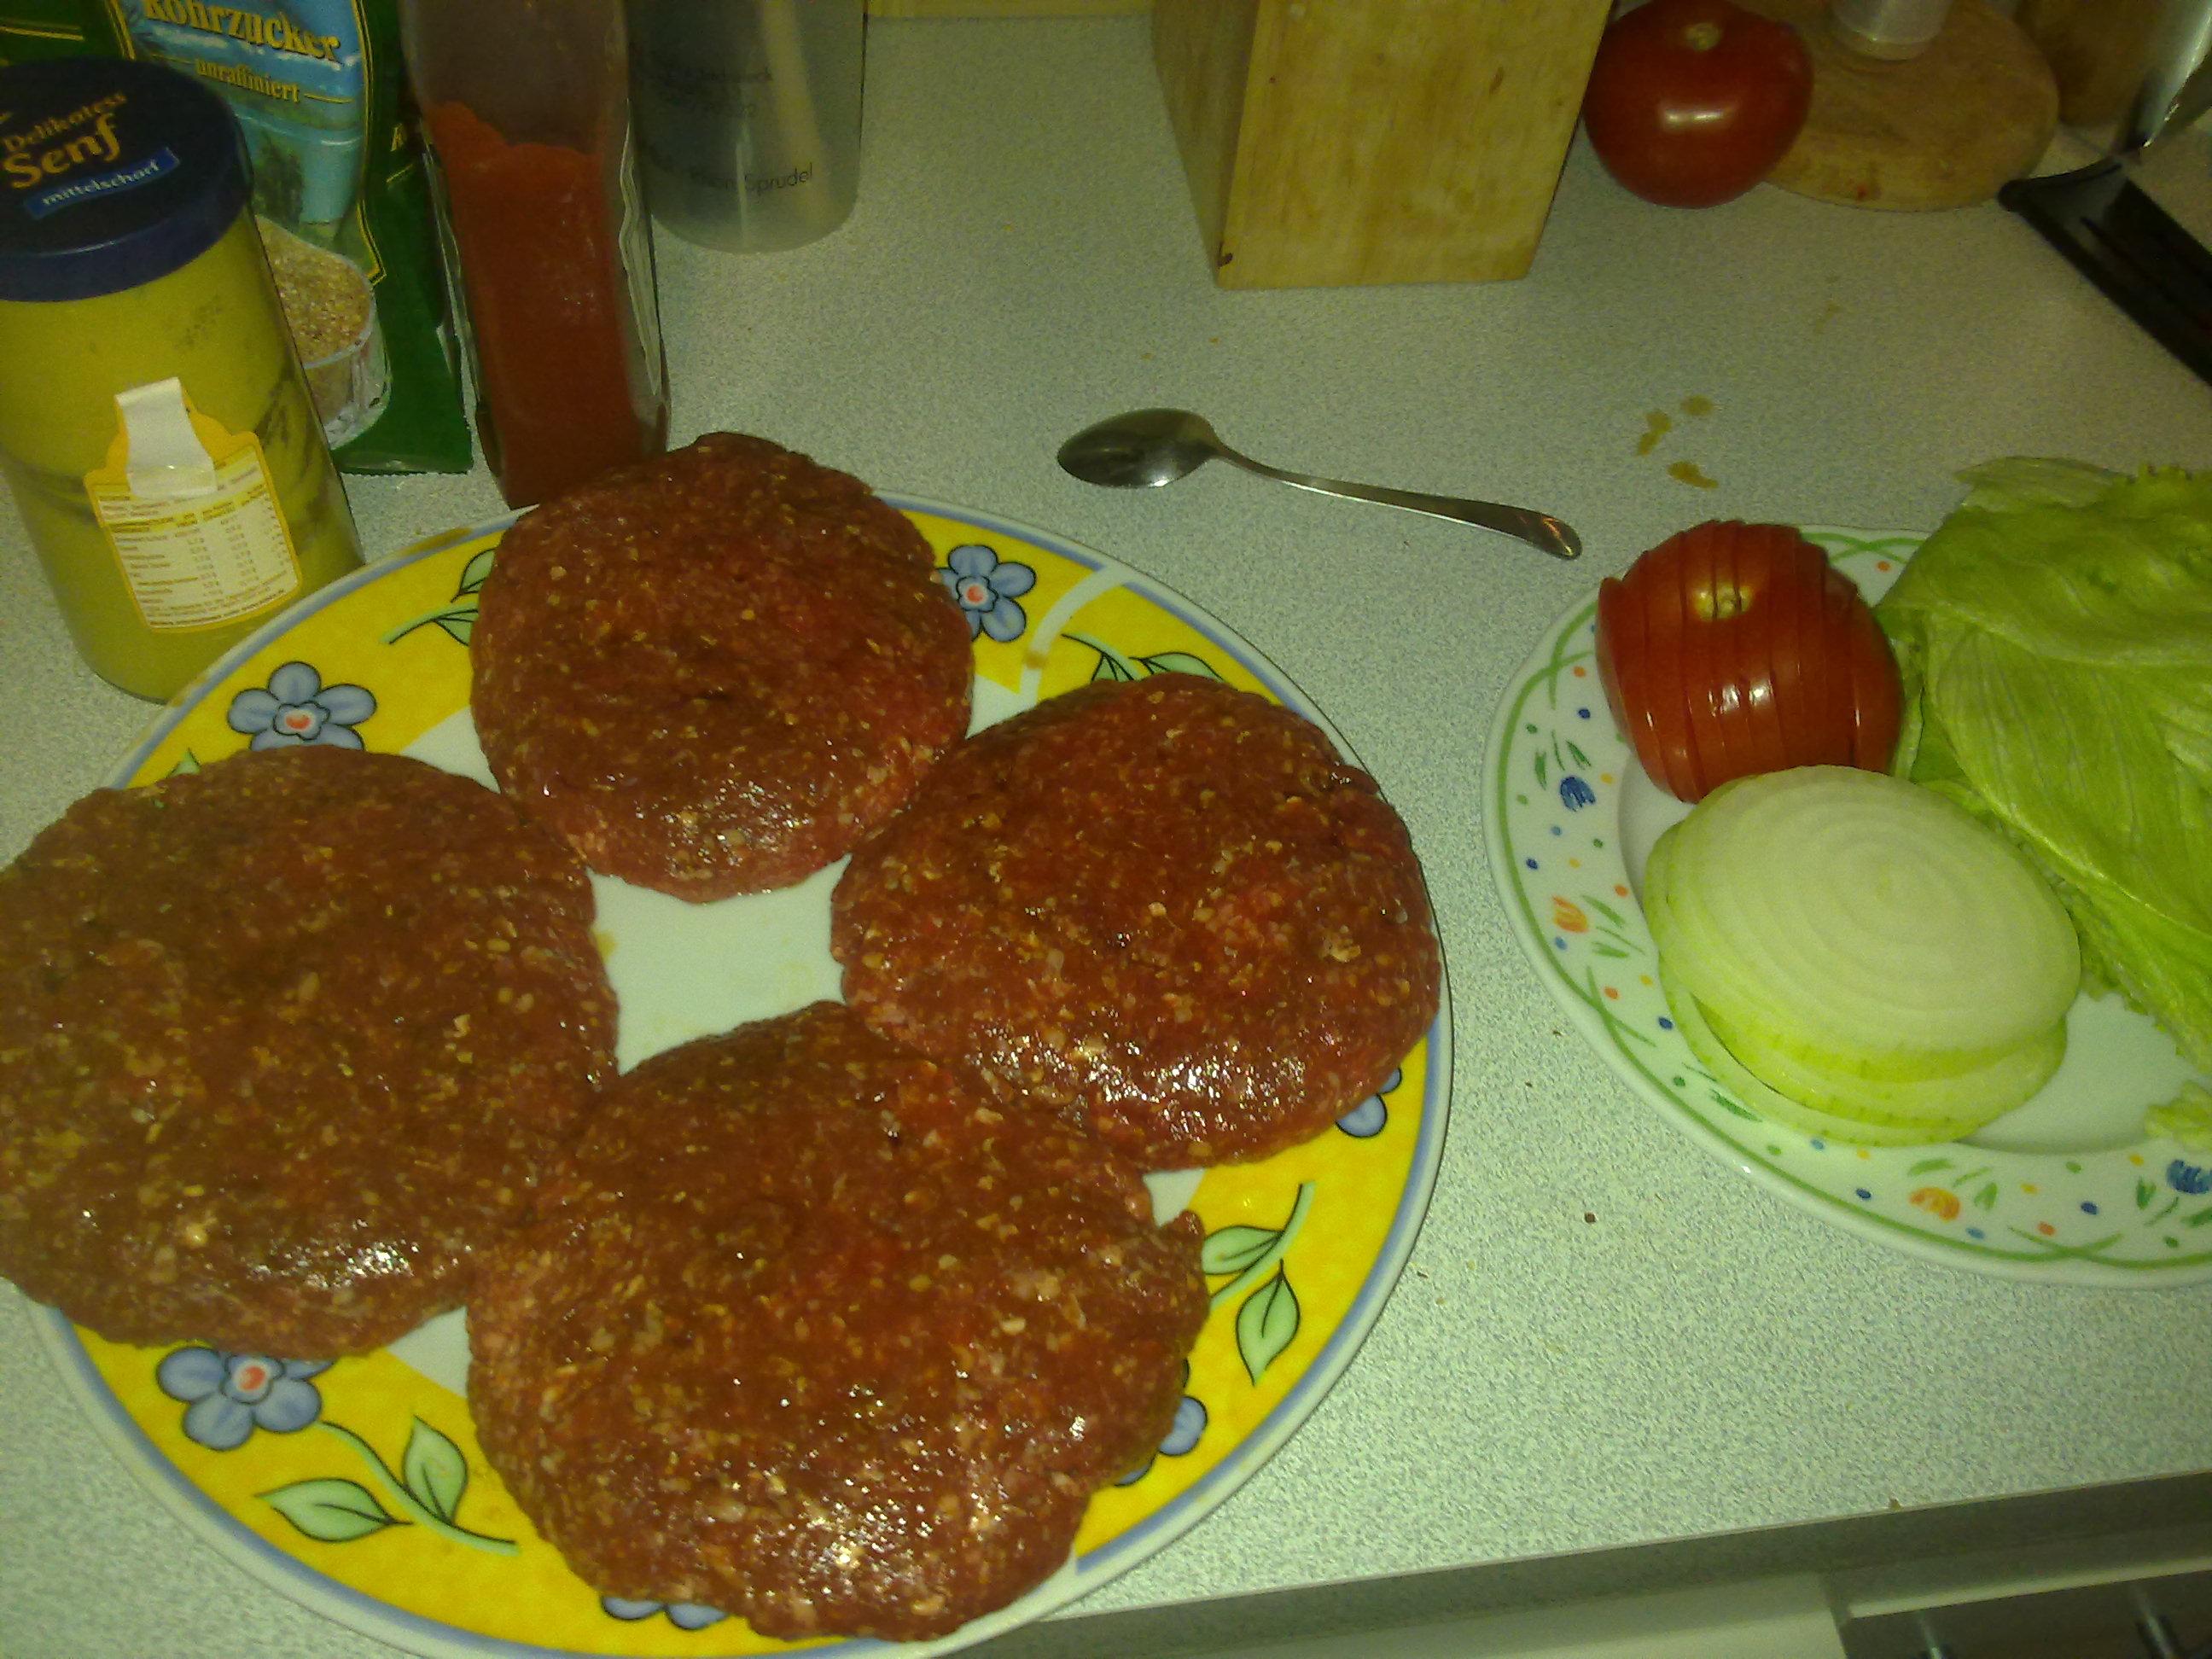 http://foodloader.net/Ede_2011-05-16_Burger1.jpg